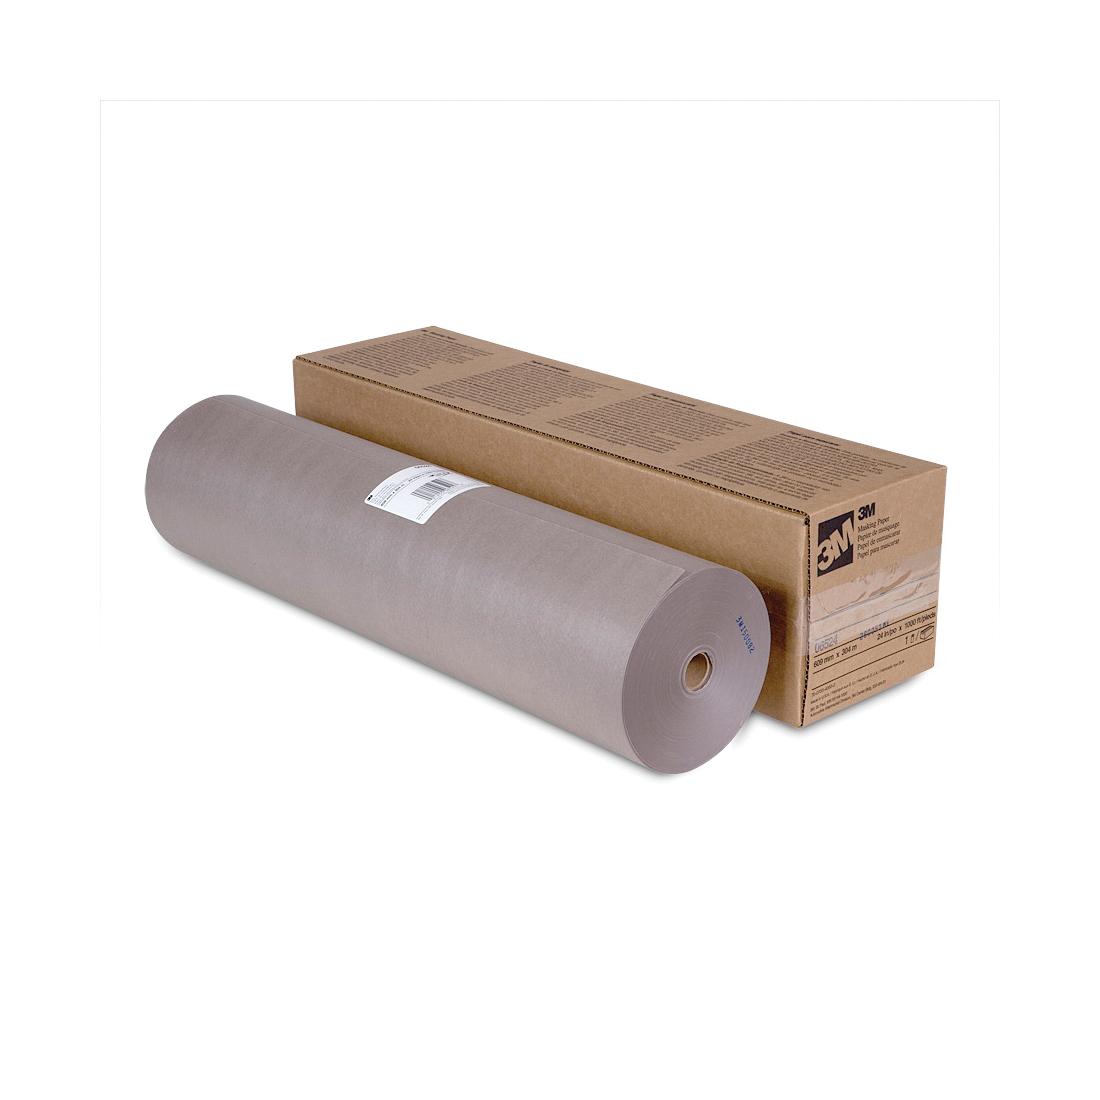 Scotch® 021200-06524 Masking Paper, 1000 ft Roll L x 24 in W x 2.8 mil THK, Paper, Steel Gray